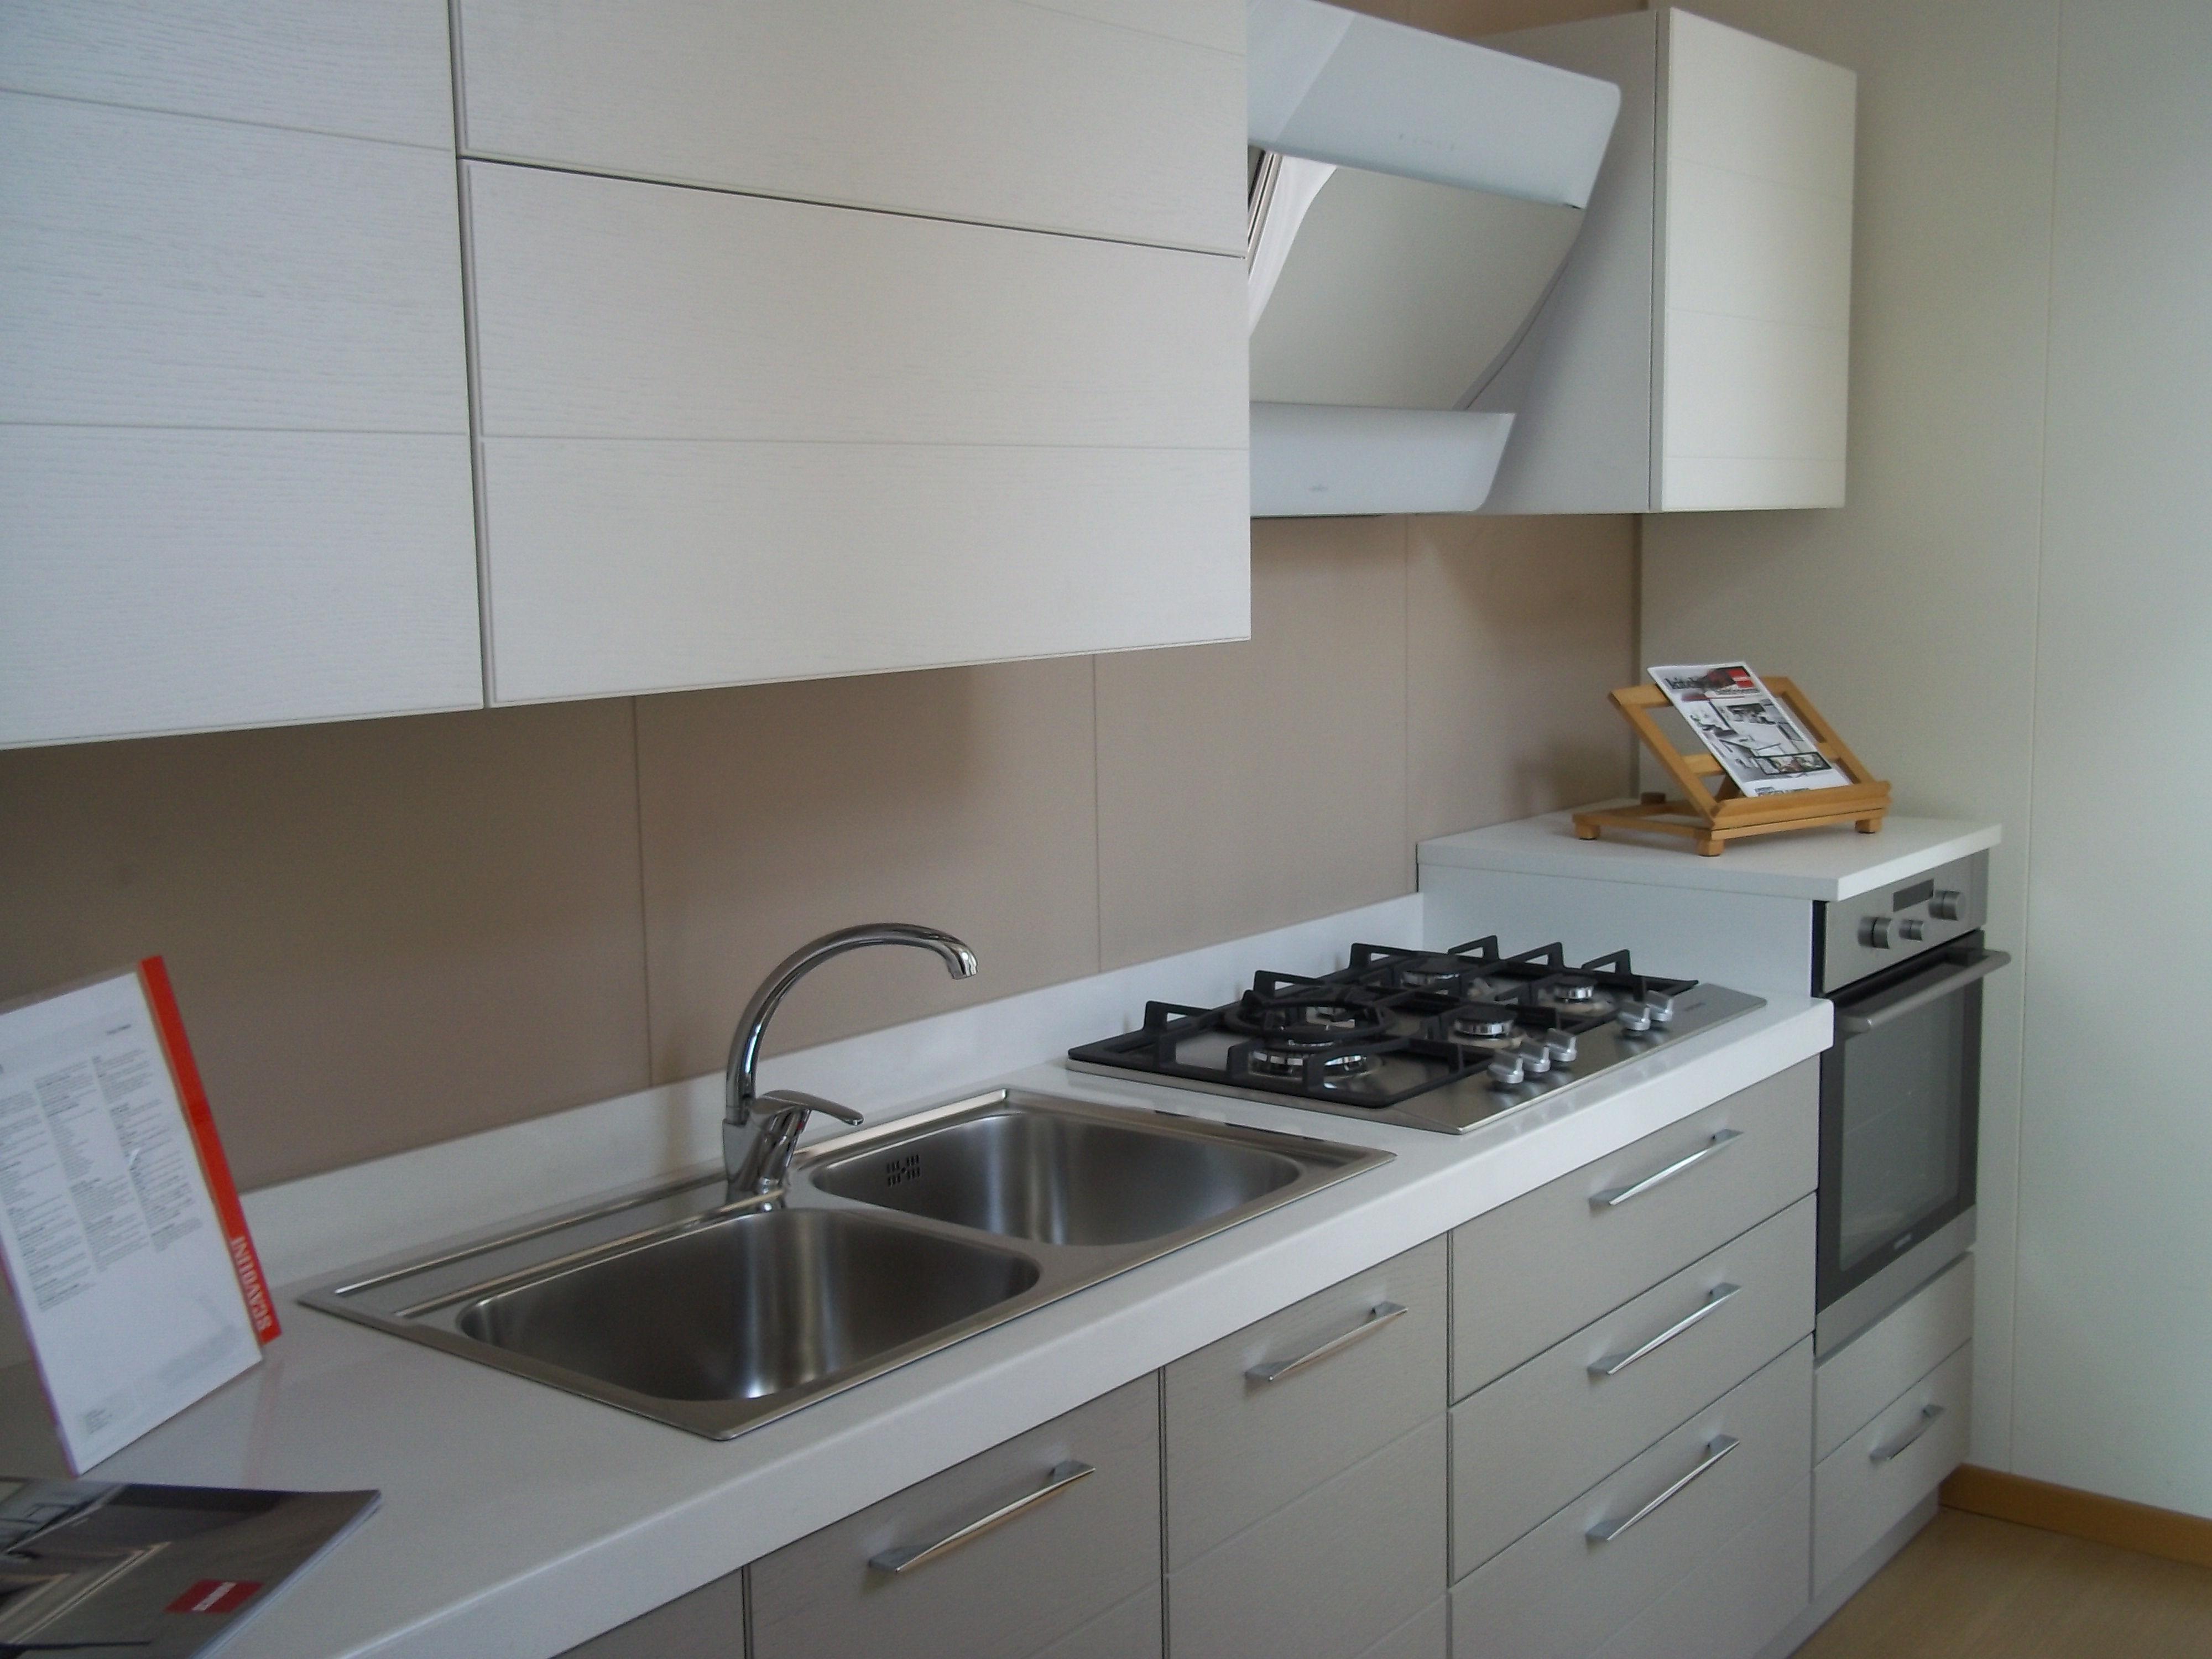 Cucine Bianche Moderne Scavolini. Cucina Classica Veneta Cucina With ...